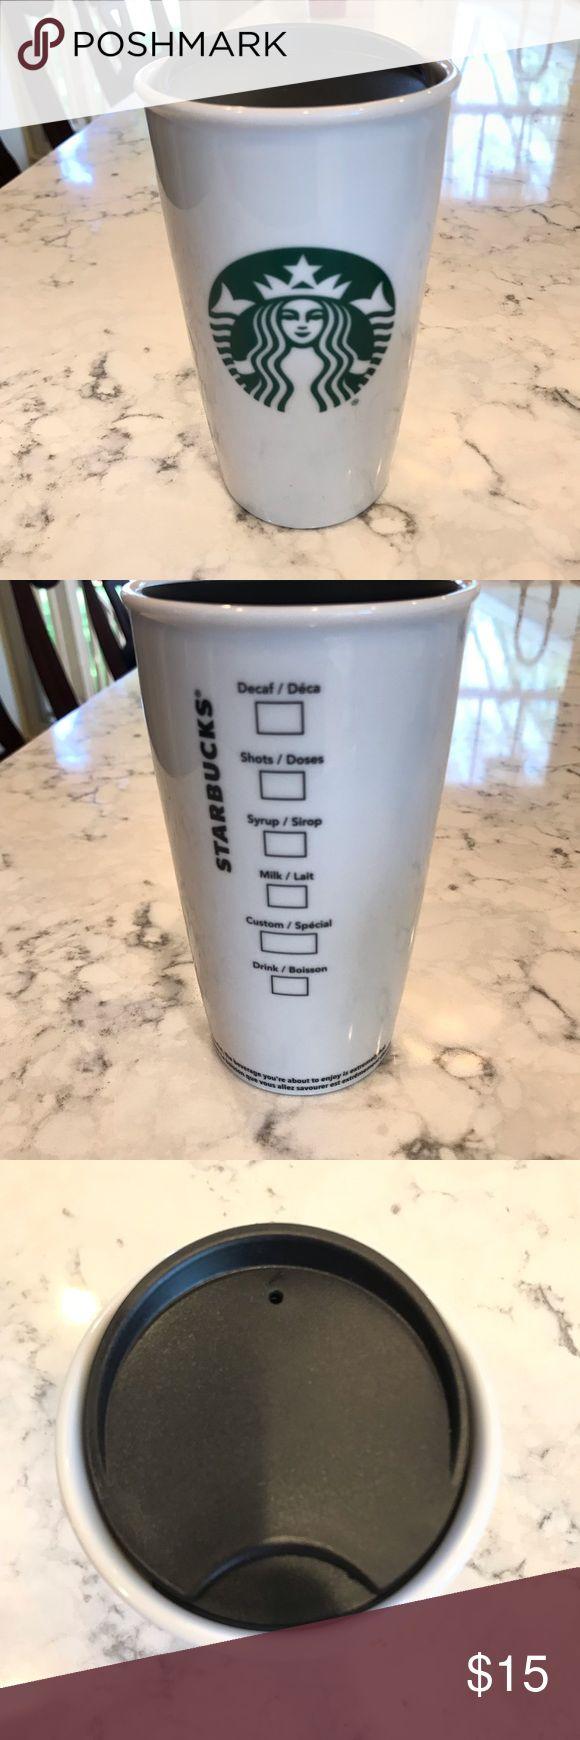 Starbucks Coffee Travel Mug With Lid 12 oz White